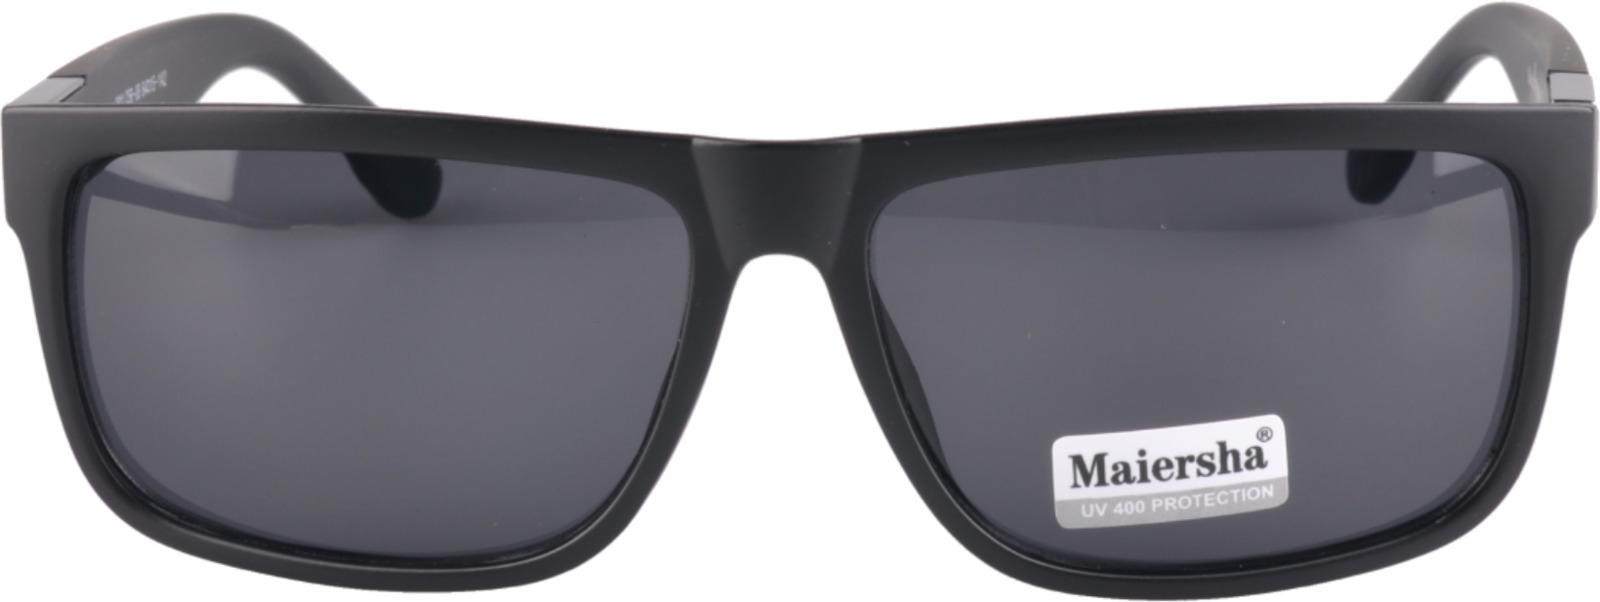 Очки солнцезащитные мужские Maiersha, 3811 С56-08, черный